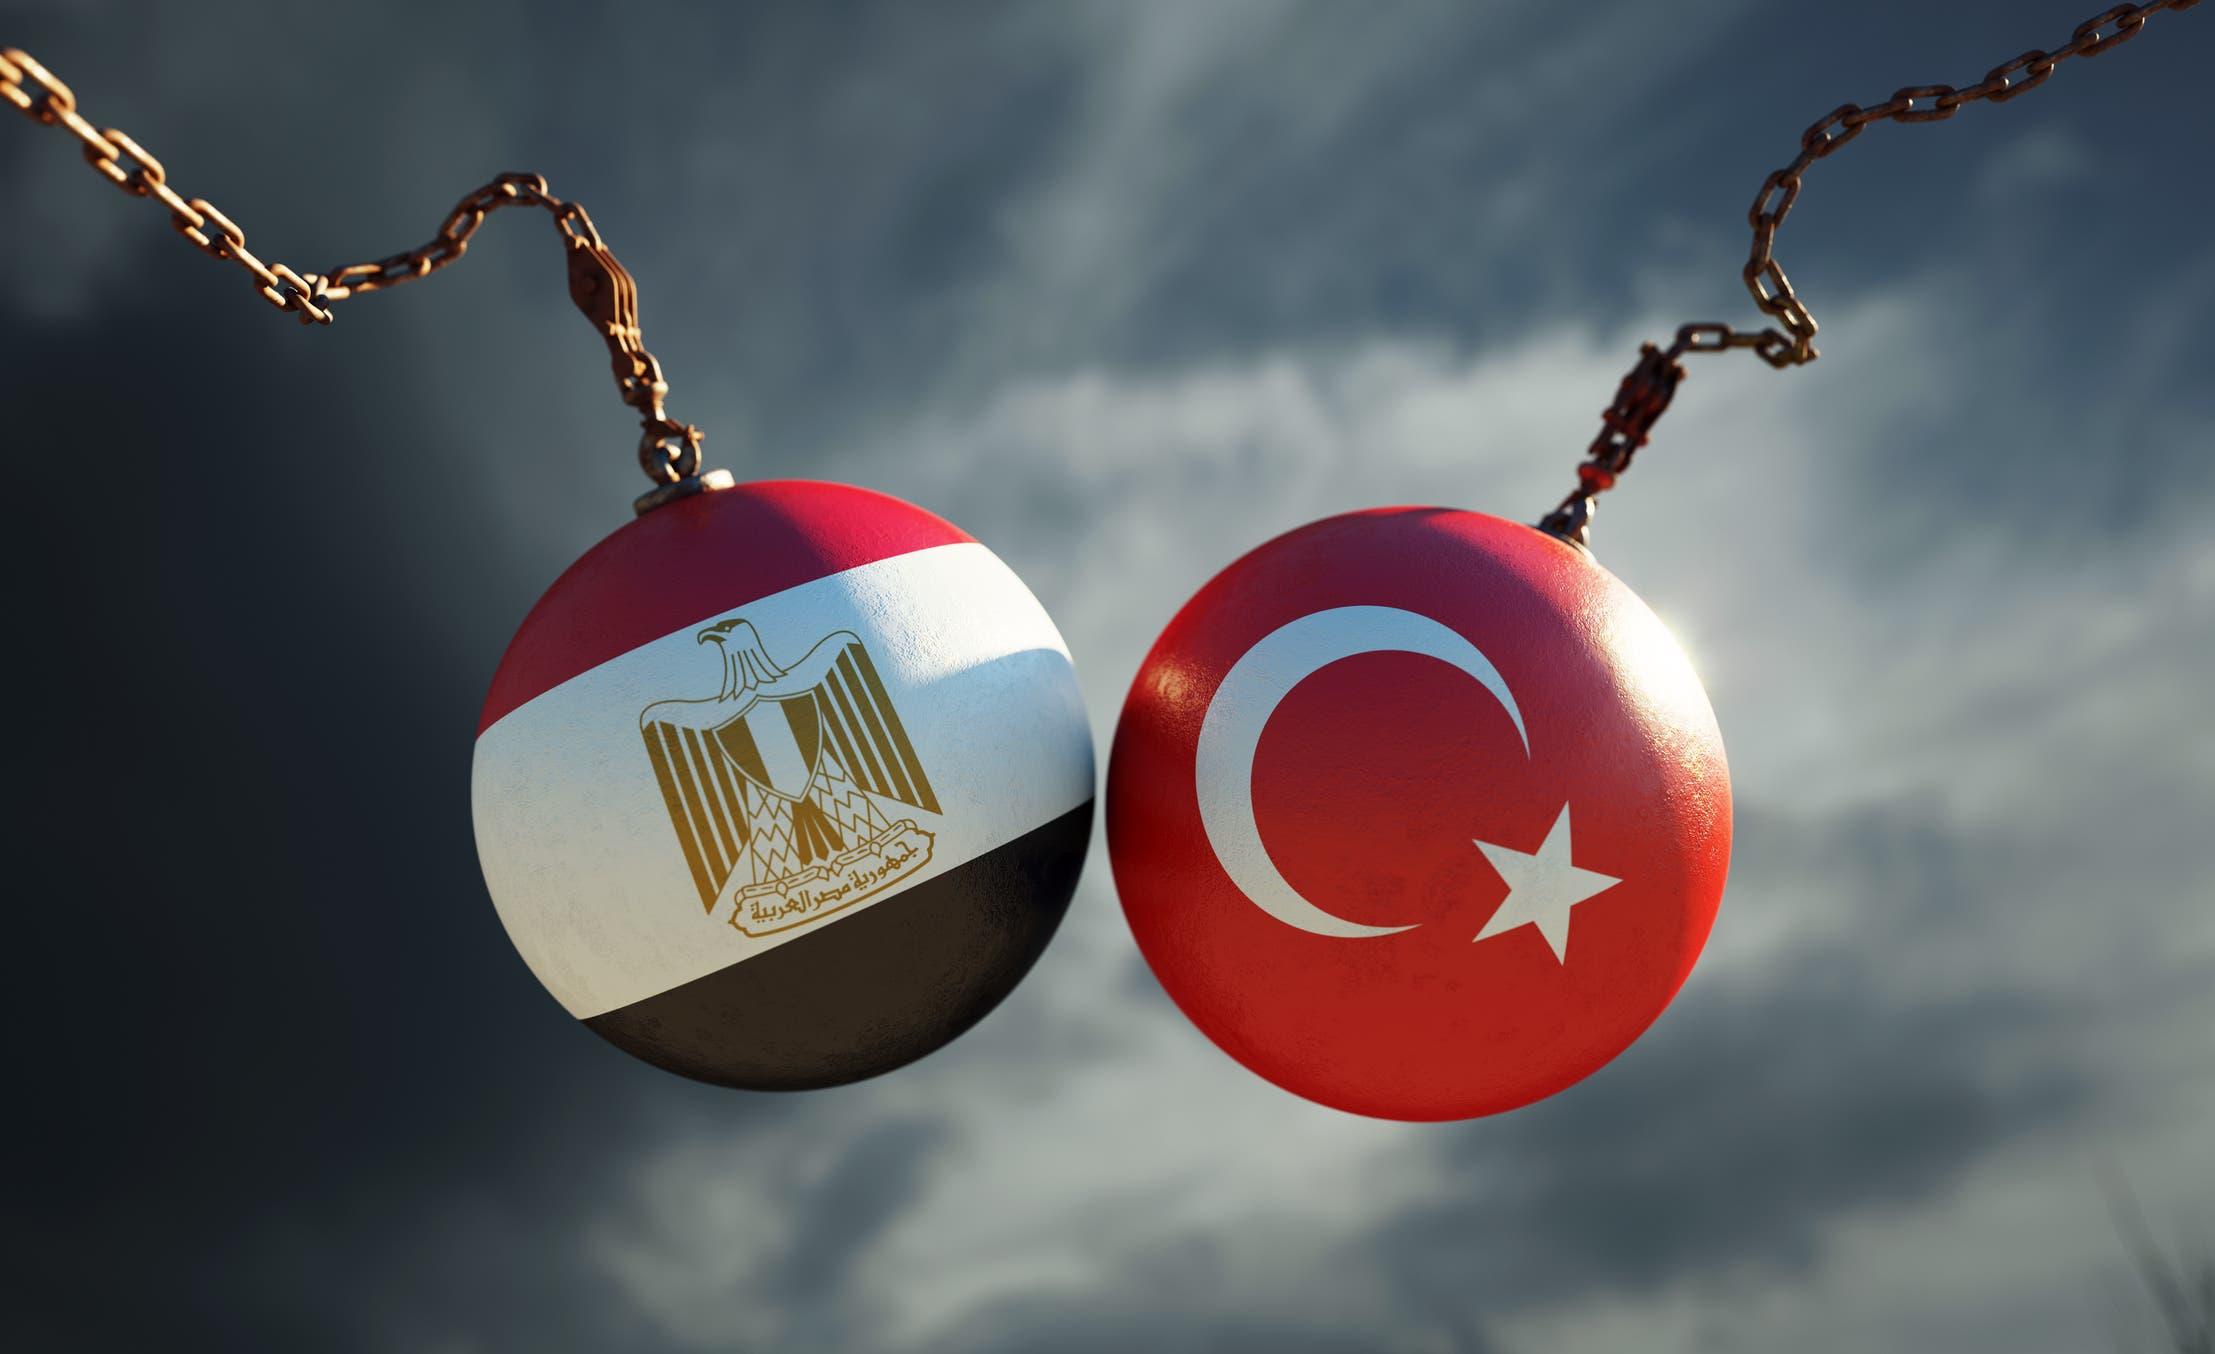 الأزمة مستمرة بين أنقرة والقاهرة بسبب إيوء عناصر الجماعة المحظورة في مصر